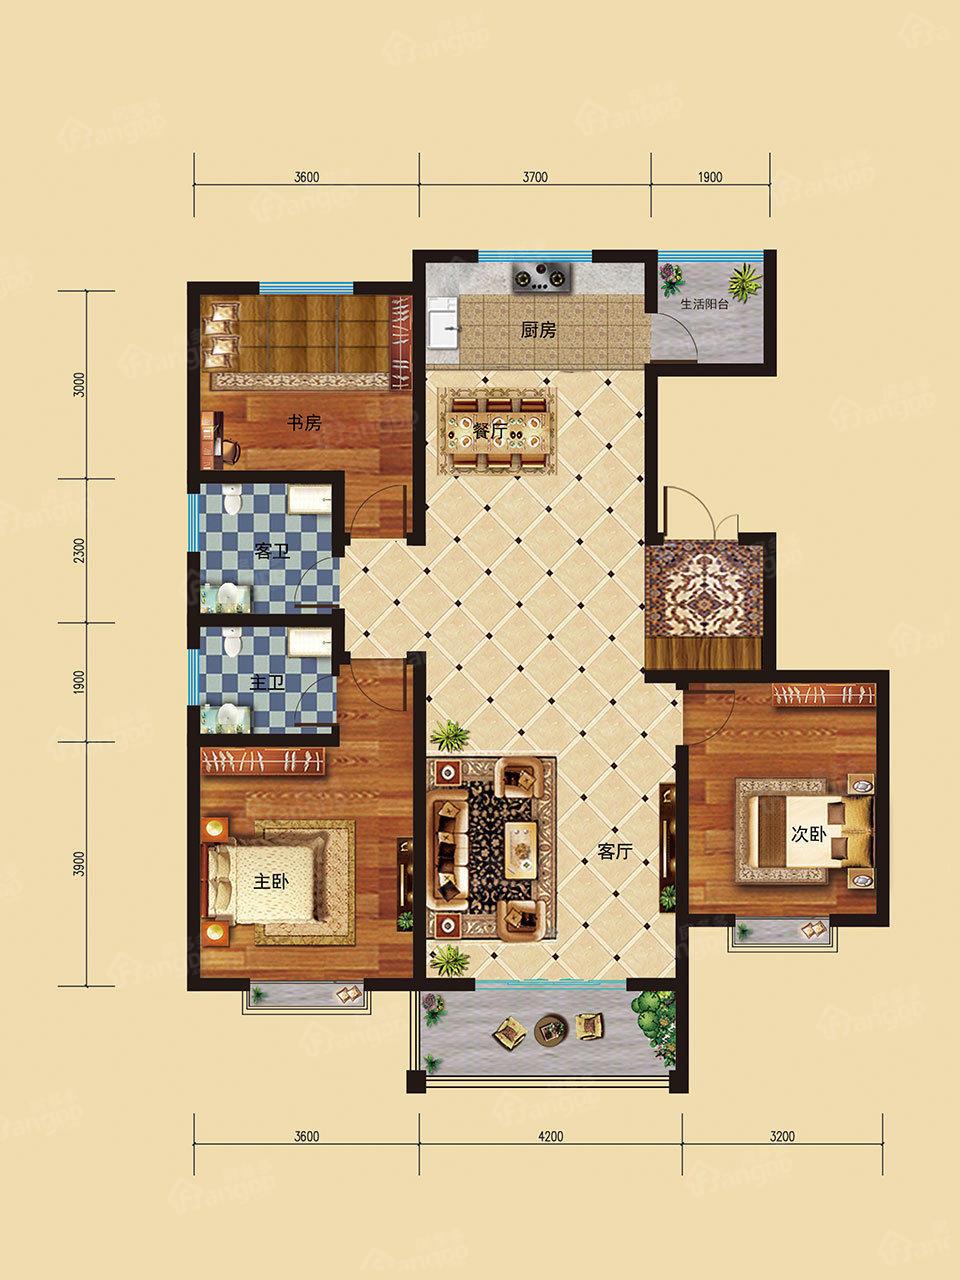 东星·卡纳溪谷3室2厅2卫户型图